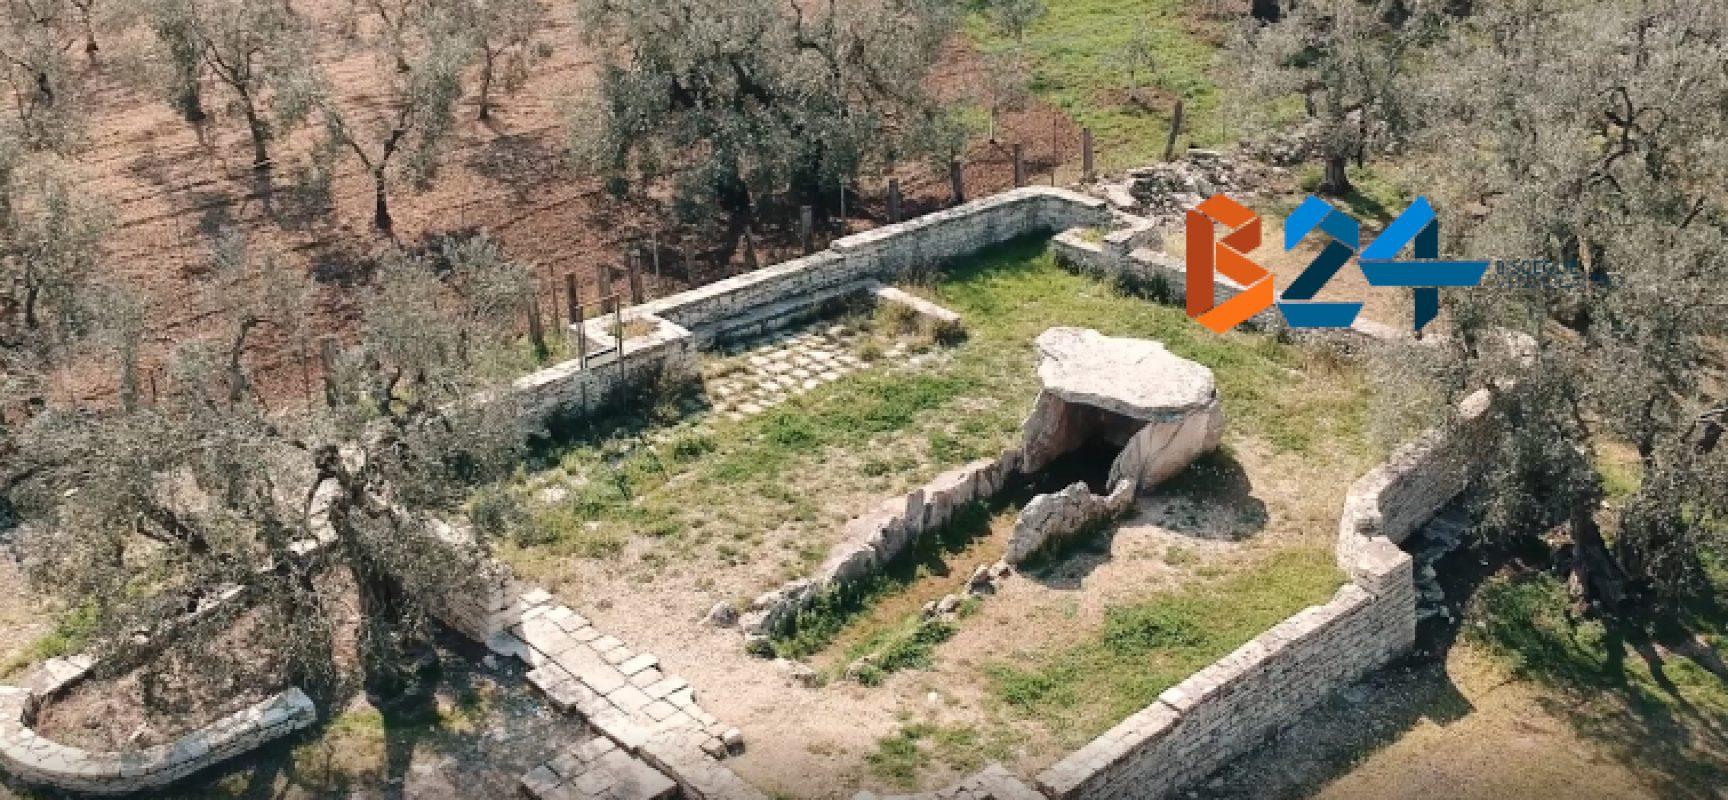 """Fiera del Levante, Pro Loco Bisceglie presenta progetto """"Tutela Dolmen e Lama Santa Croce"""""""